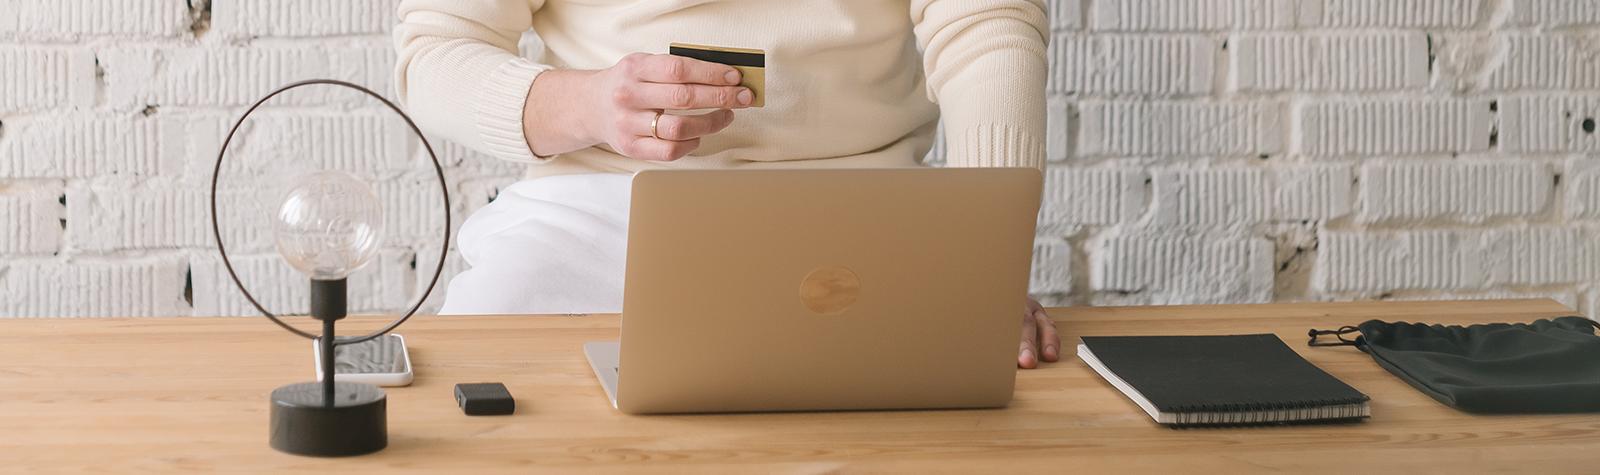 Wat zijn veelvoorkomende vormen van digitale oplichting en fraude?